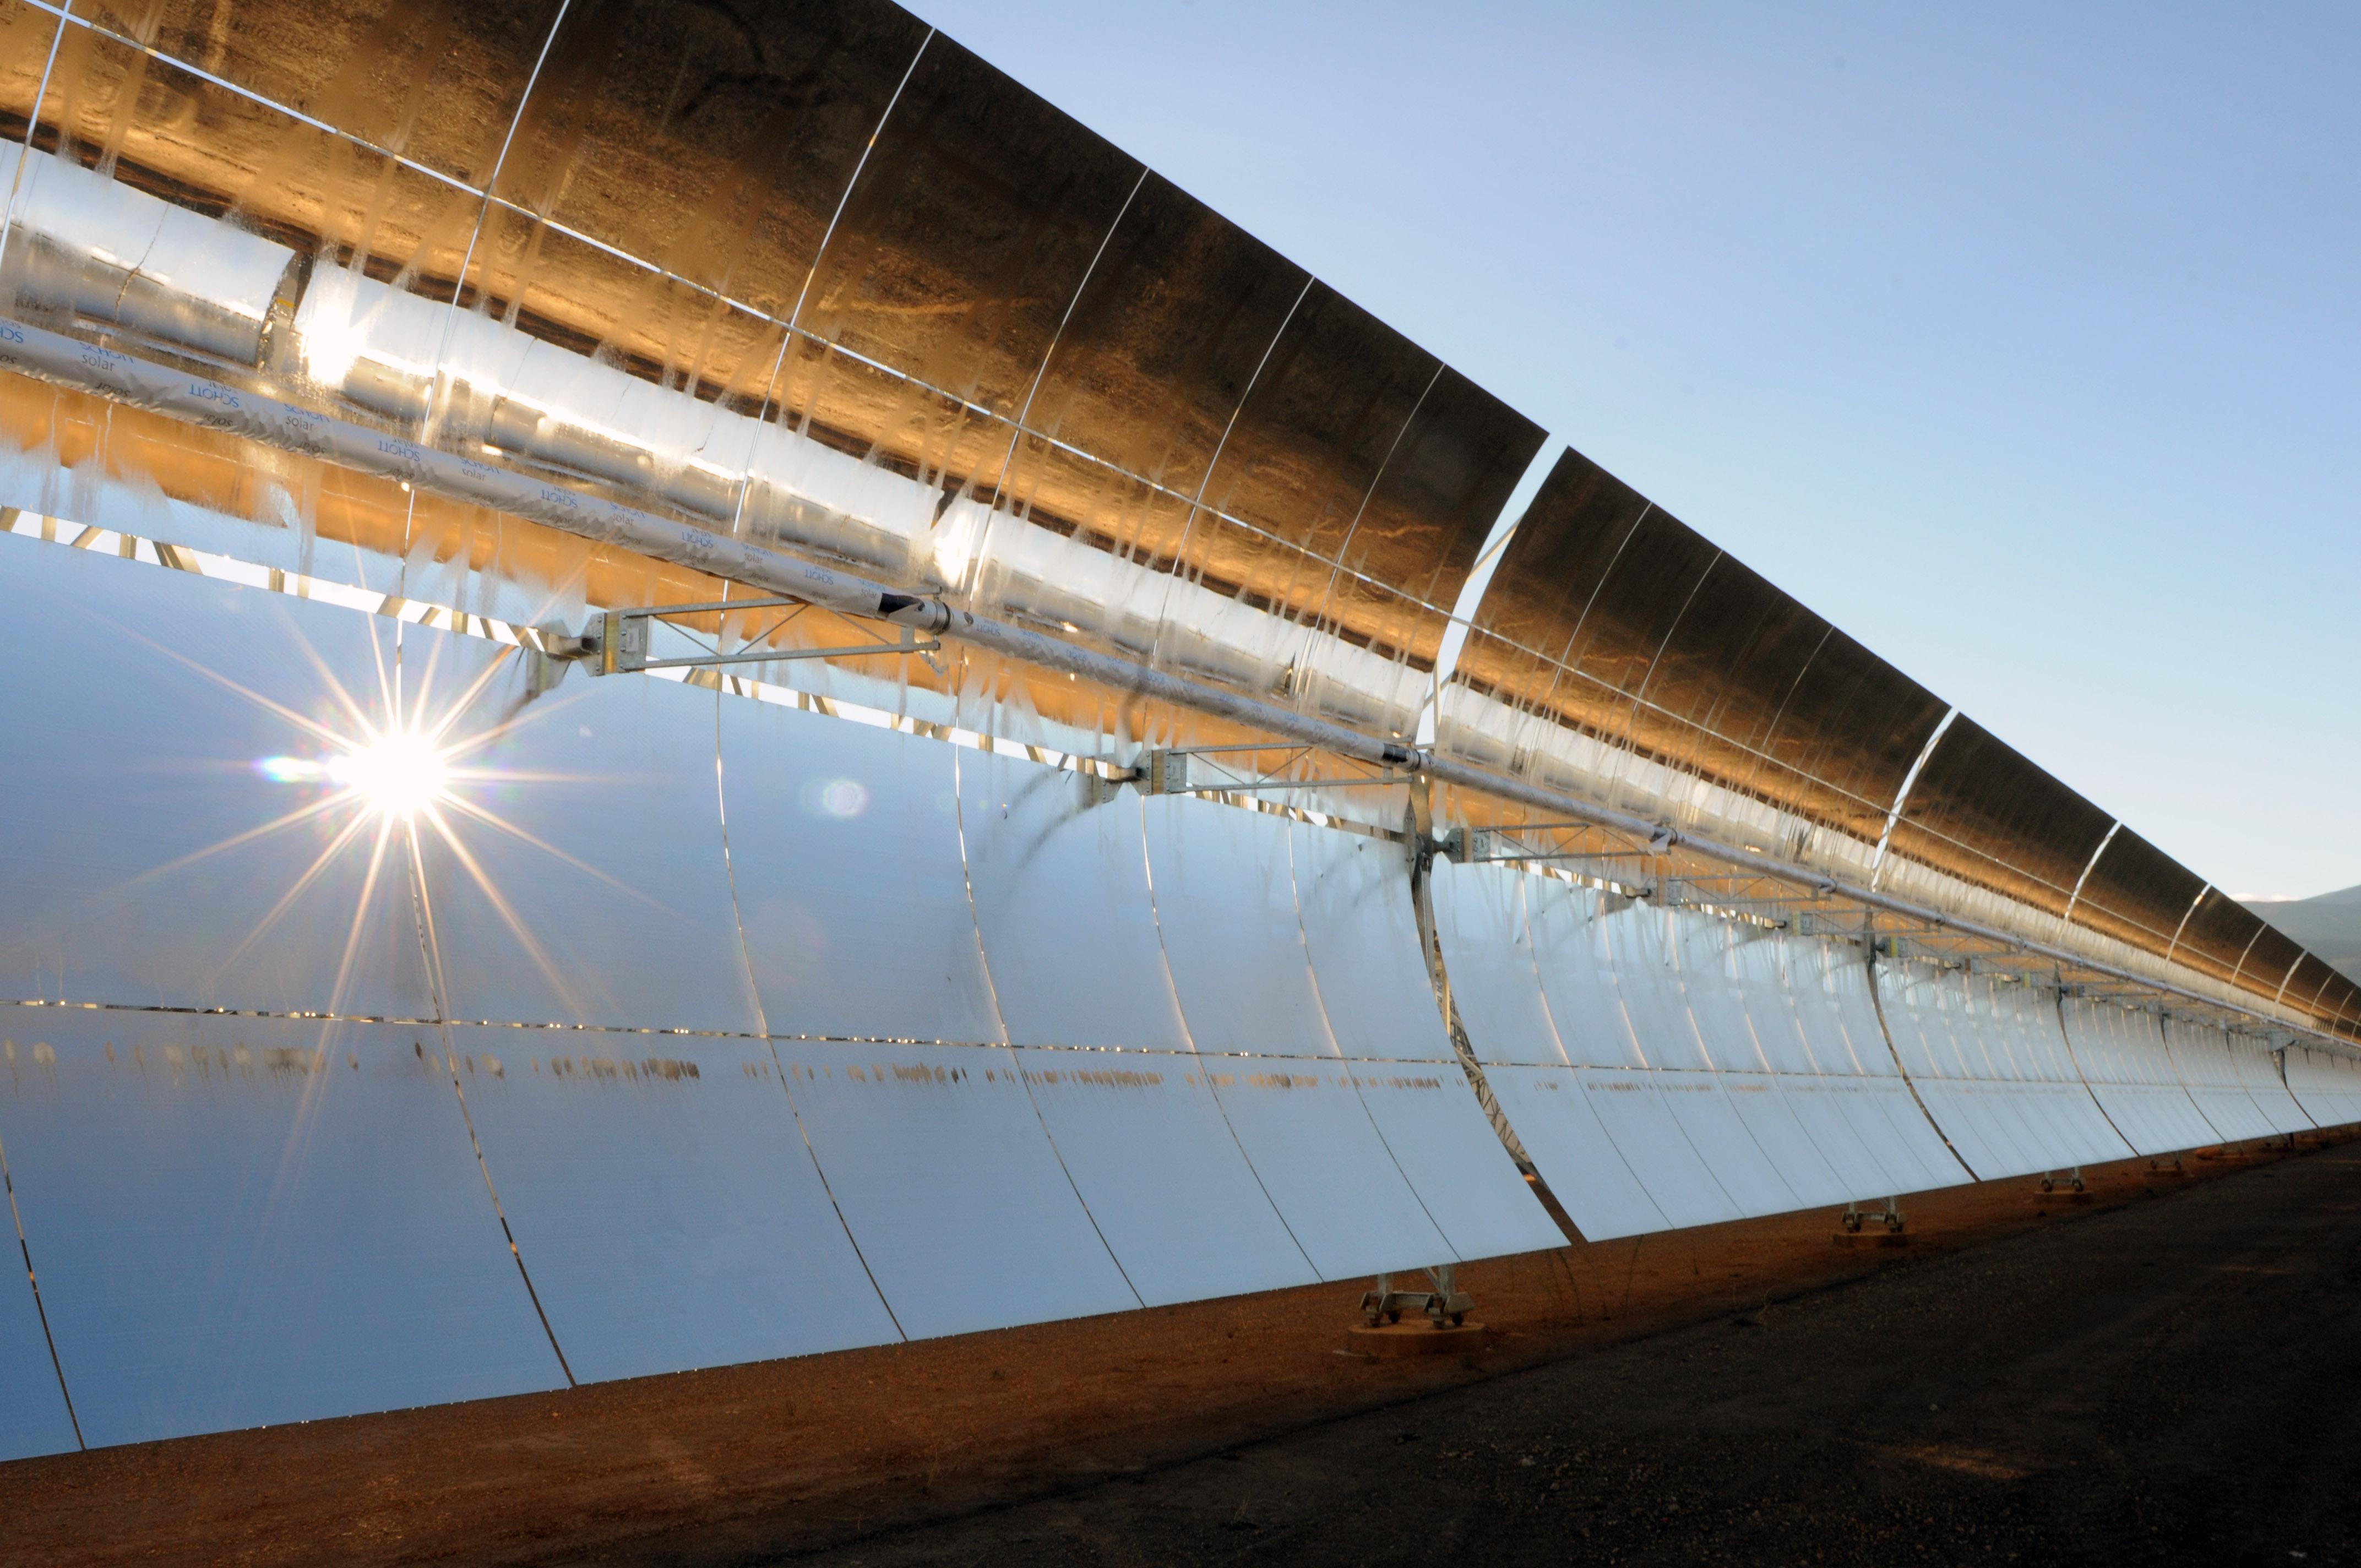 Solarthermiekraftwerk Andasol 3 (Spanien), Quelle: RWE Innogy